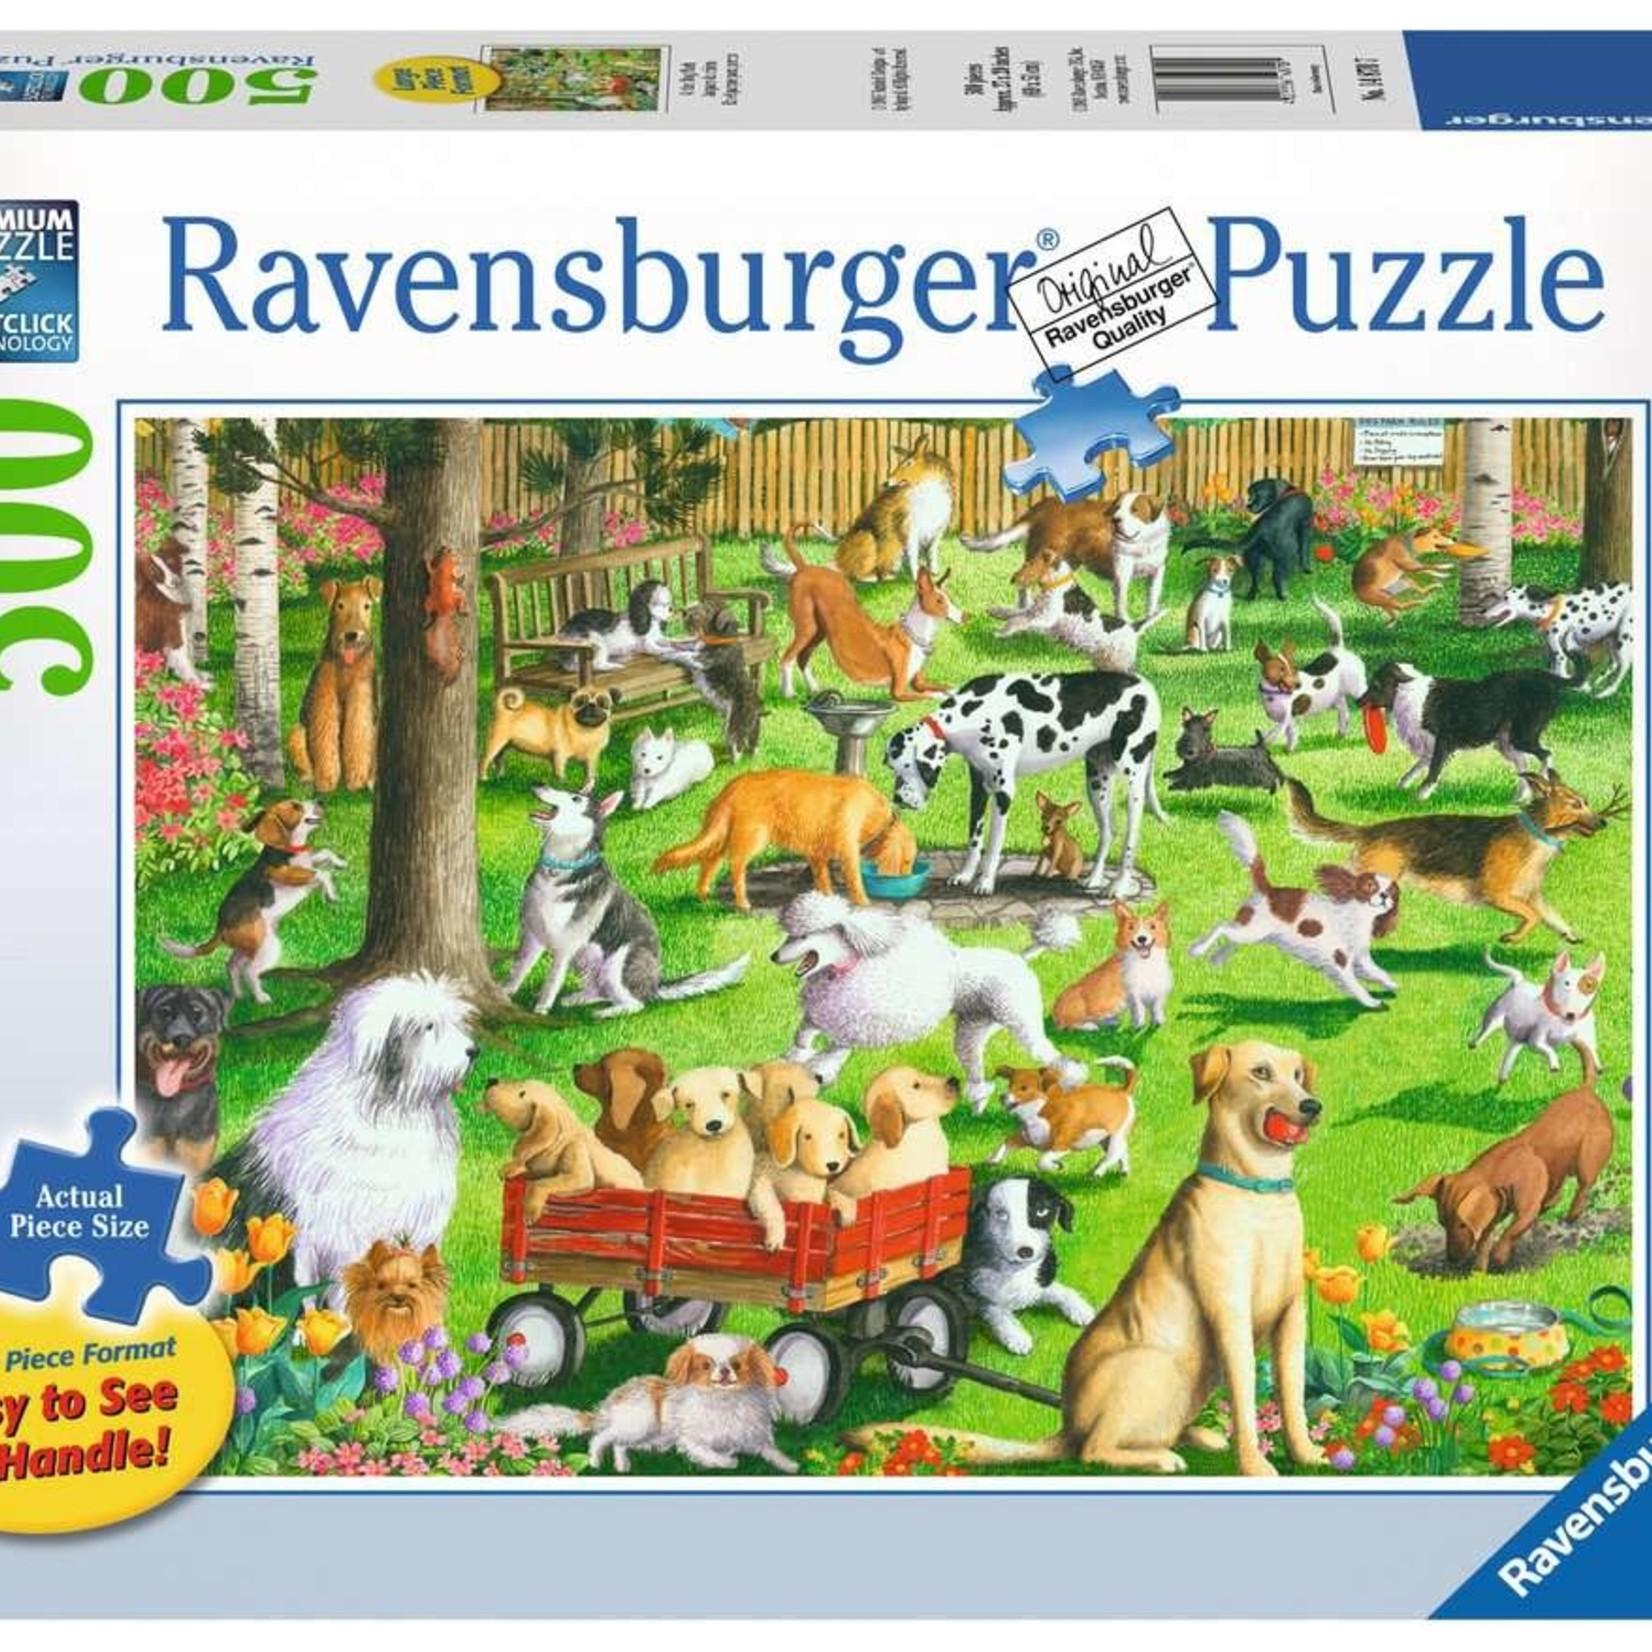 Ravensburger At the Dog Park 500 pc